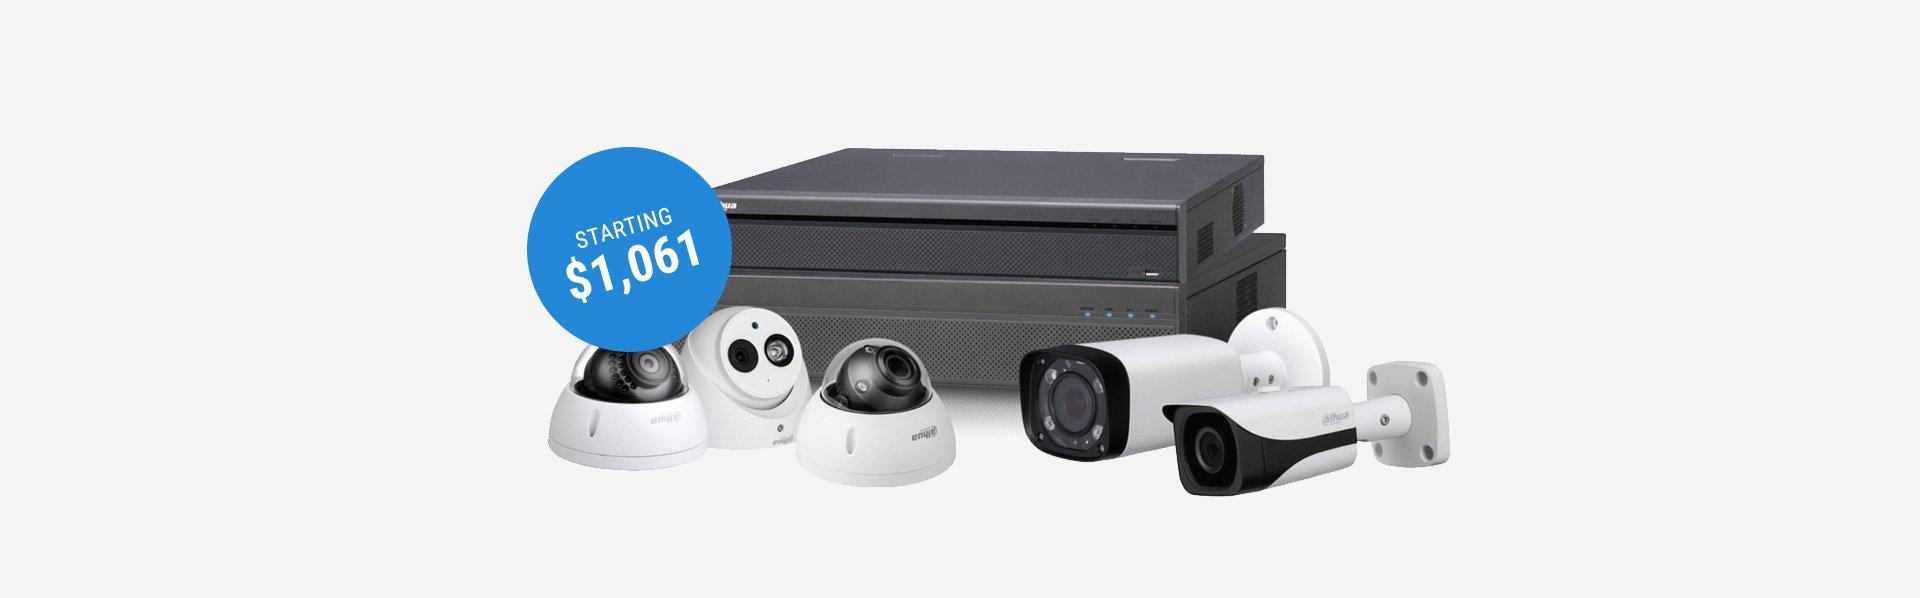 Dahua CCTV Kit